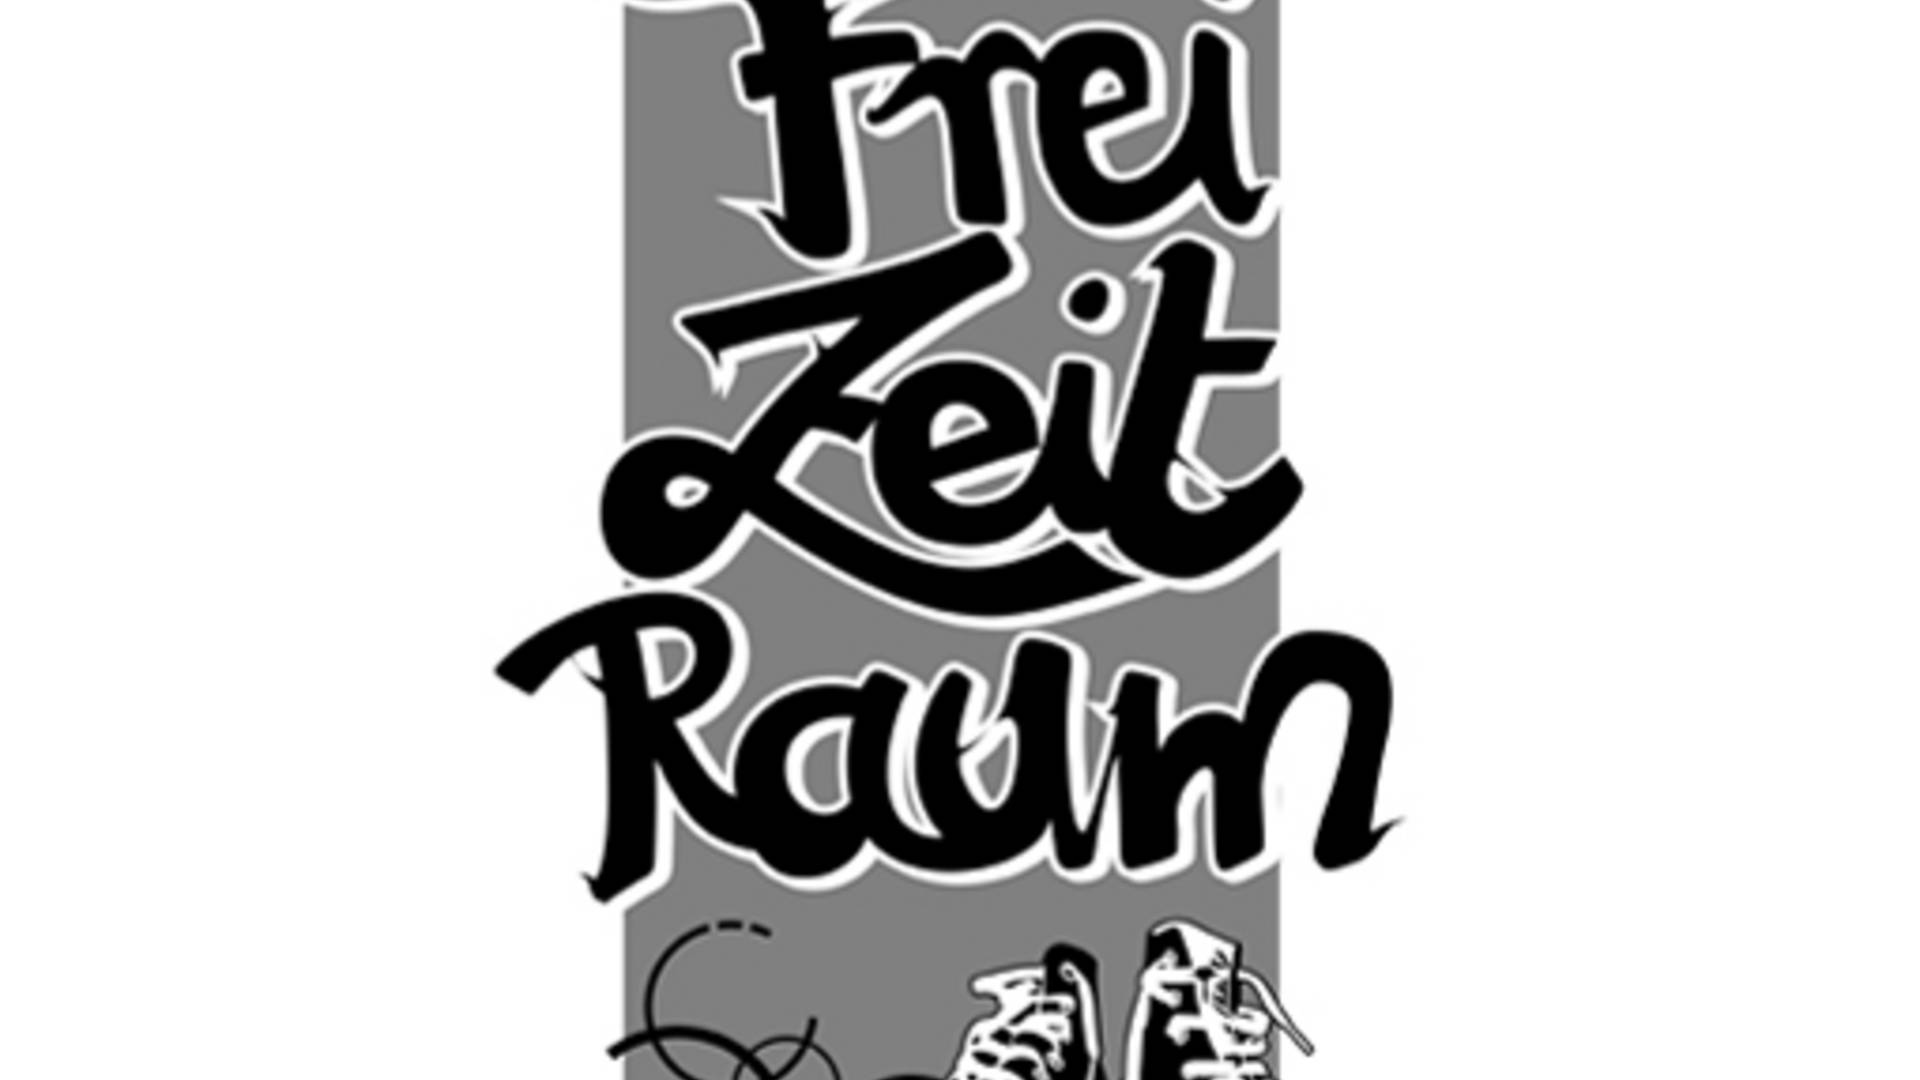 kachel logo ©Stadt Lehrte